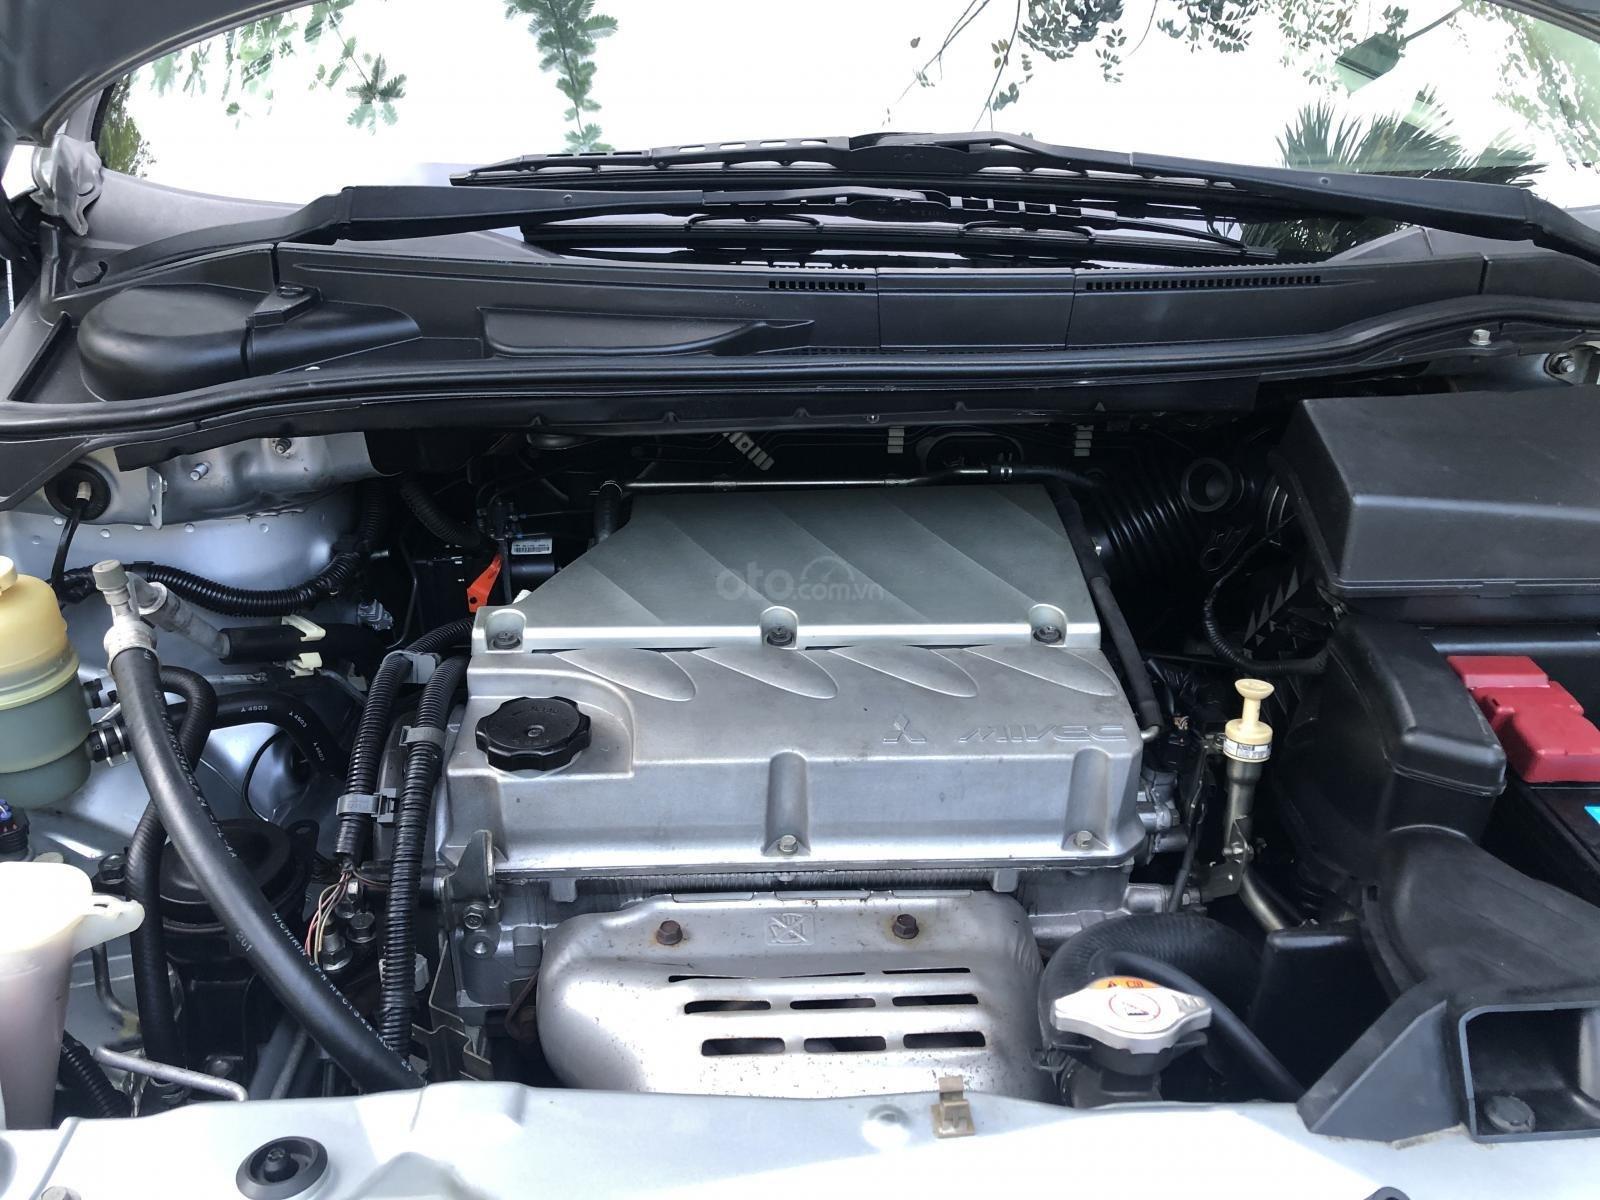 Mitsubishi Grandis 8/2010 xe cực chất, đẹp long lanh (4)